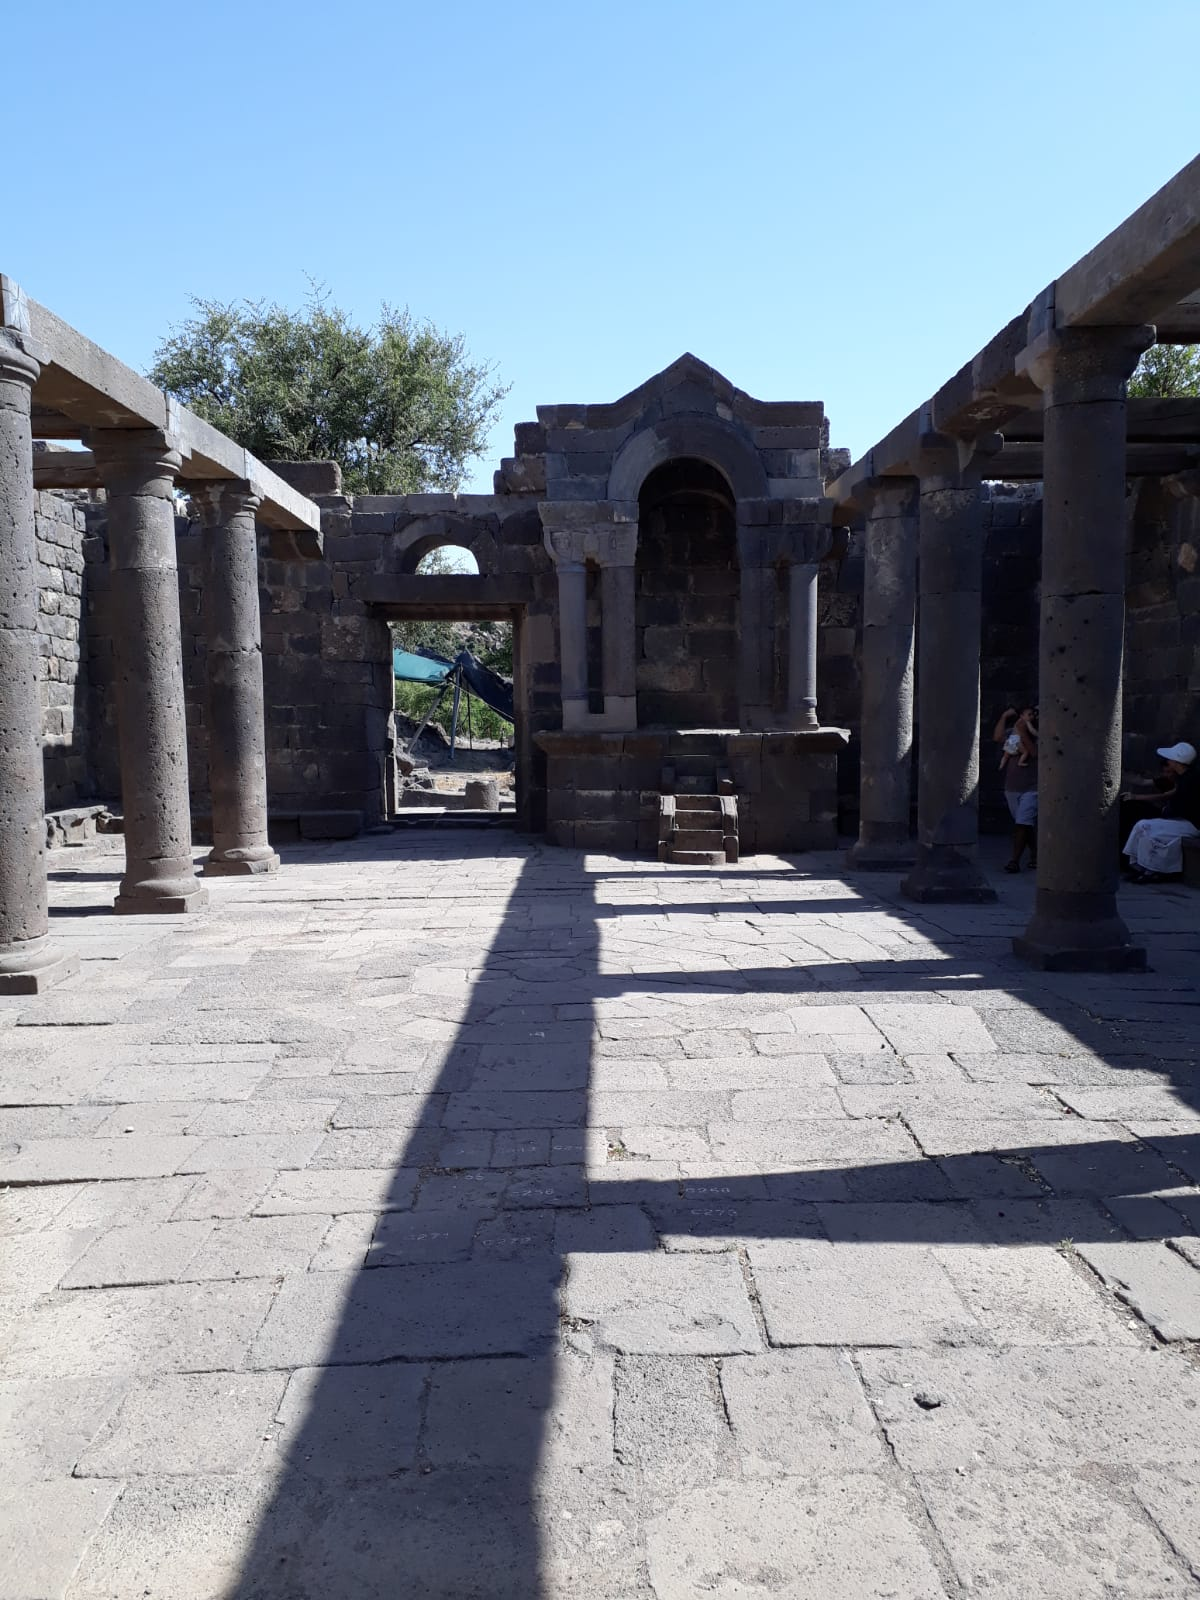 בית הכנסת בשלבי שחזור מתקדמים | צילום: צחי הררי